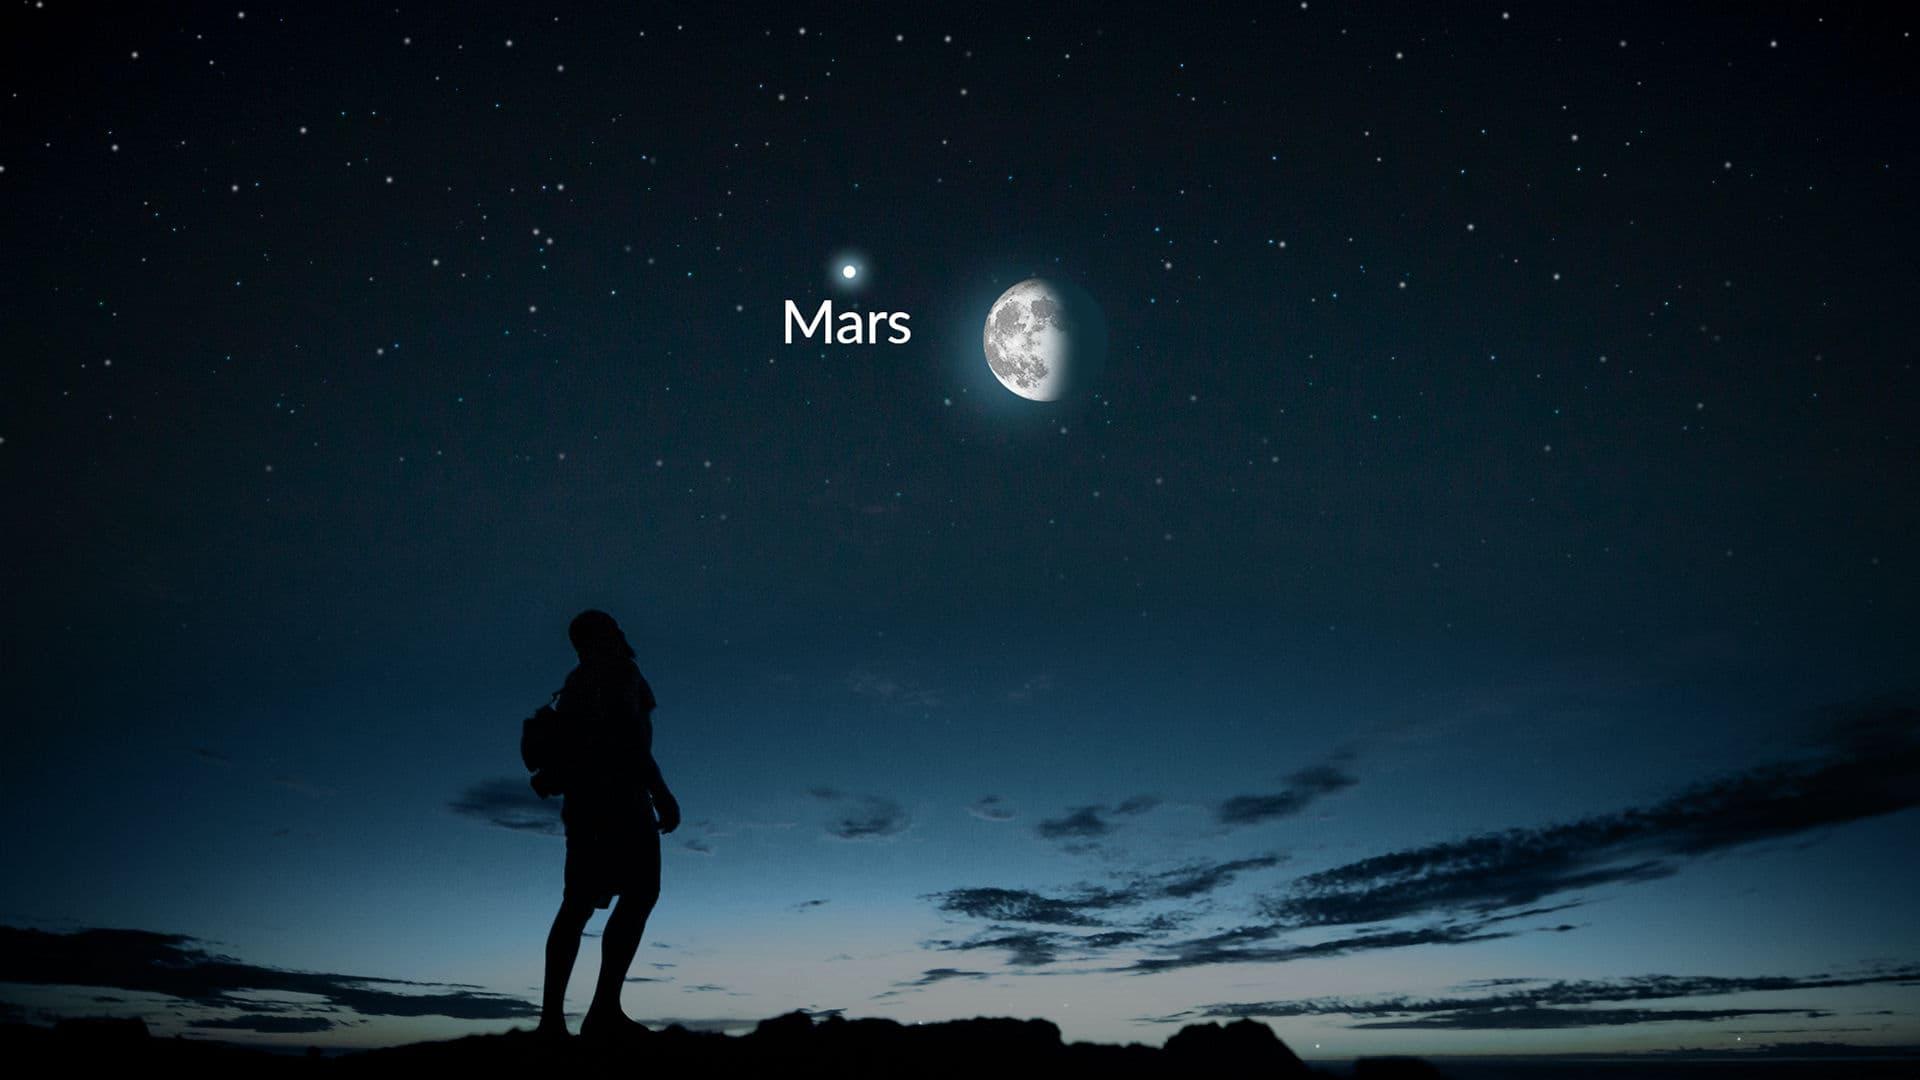 Lua e Marte, do crepúsculo ao amanhecer (e ainda mais)